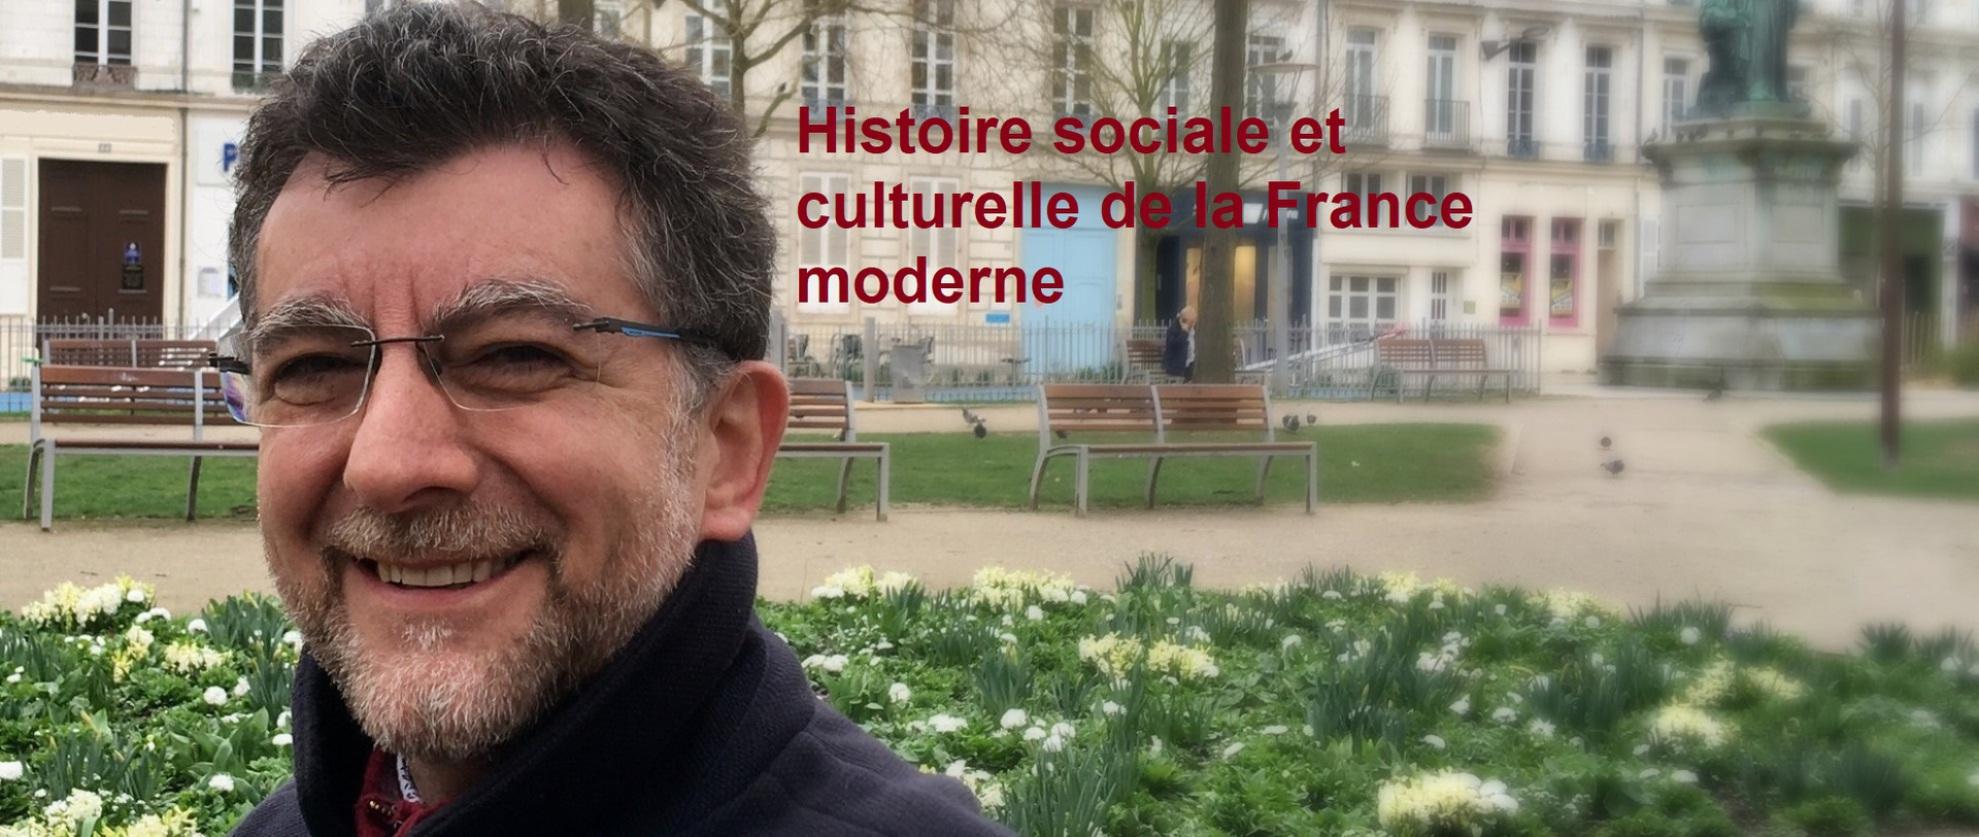 Histoire sociale des cultures, des sciences et des religions